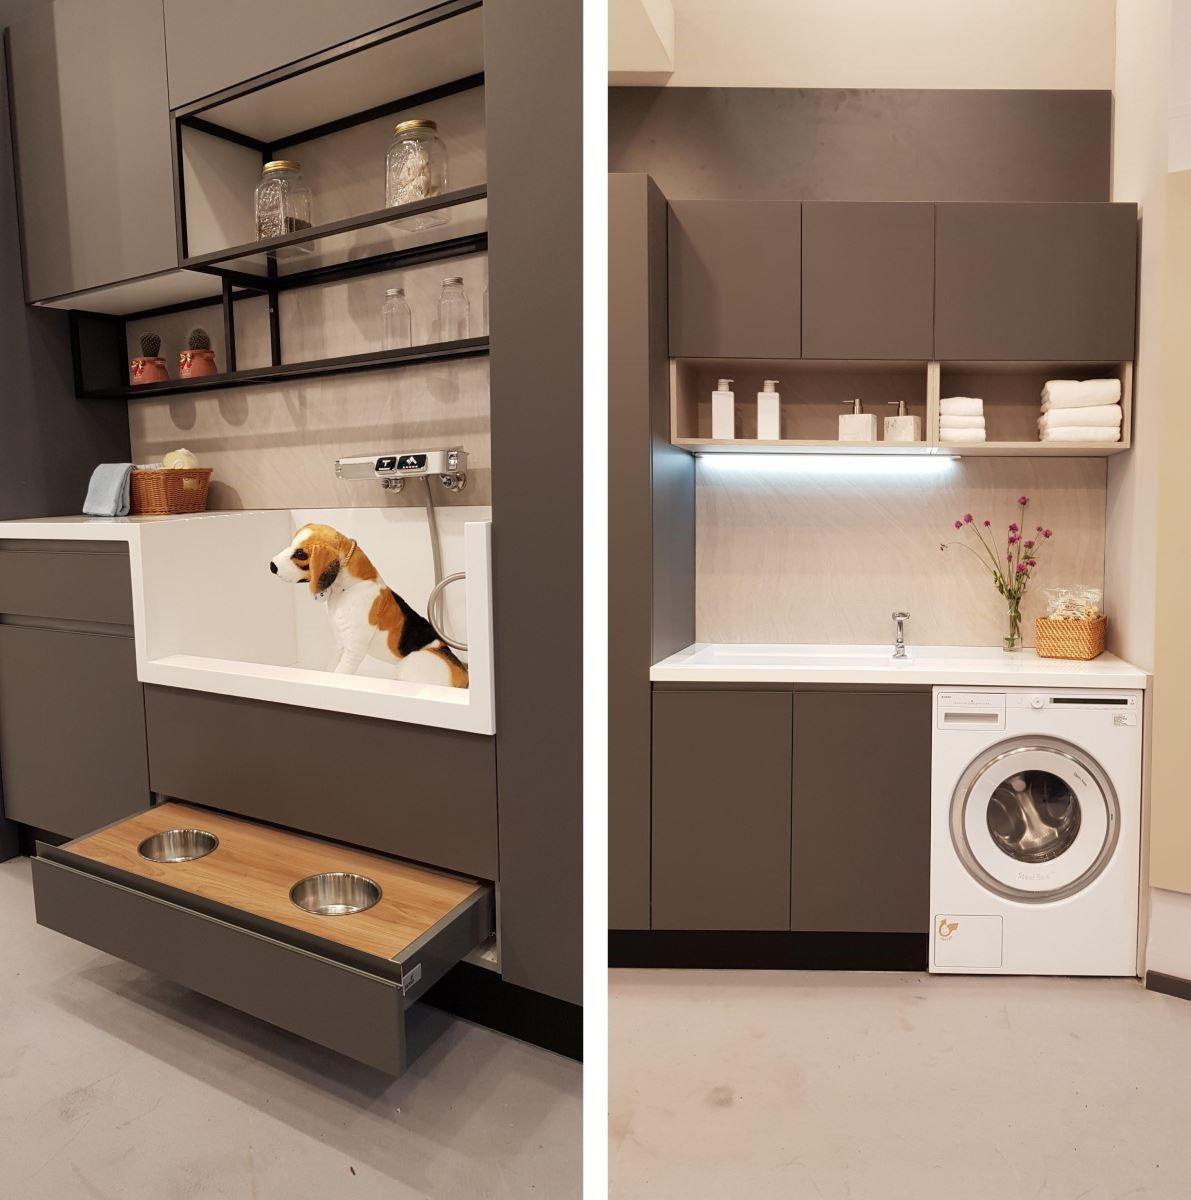 在家事間規劃寵物梳洗平檯,更符合現代人的生活需求。